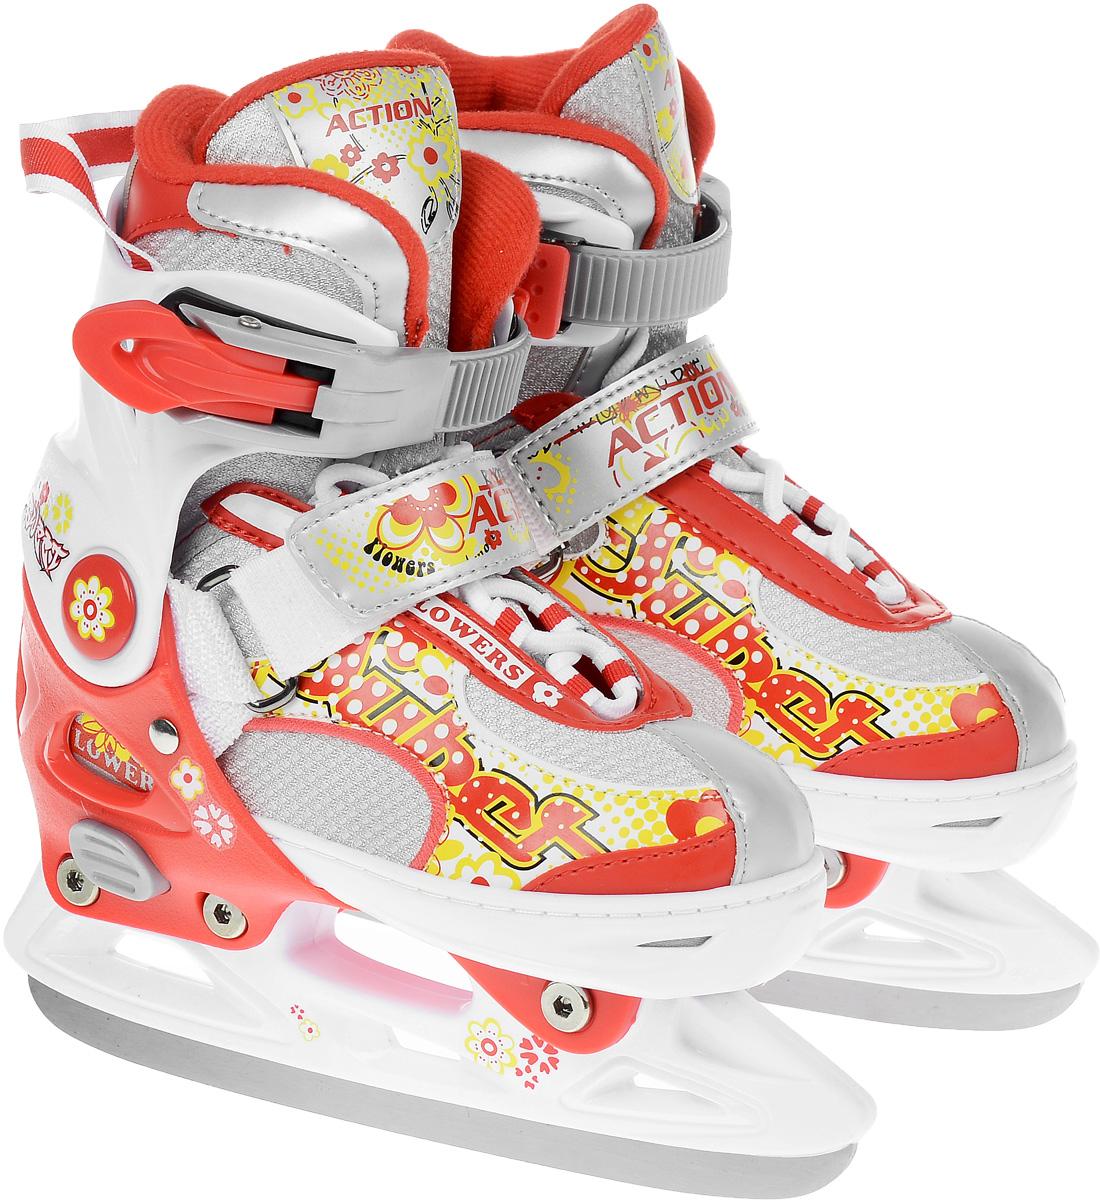 Коньки ледовые женские Action Sporting Goods, раздвижные, цвет: белый, красный. PW-113. Размер 37/40